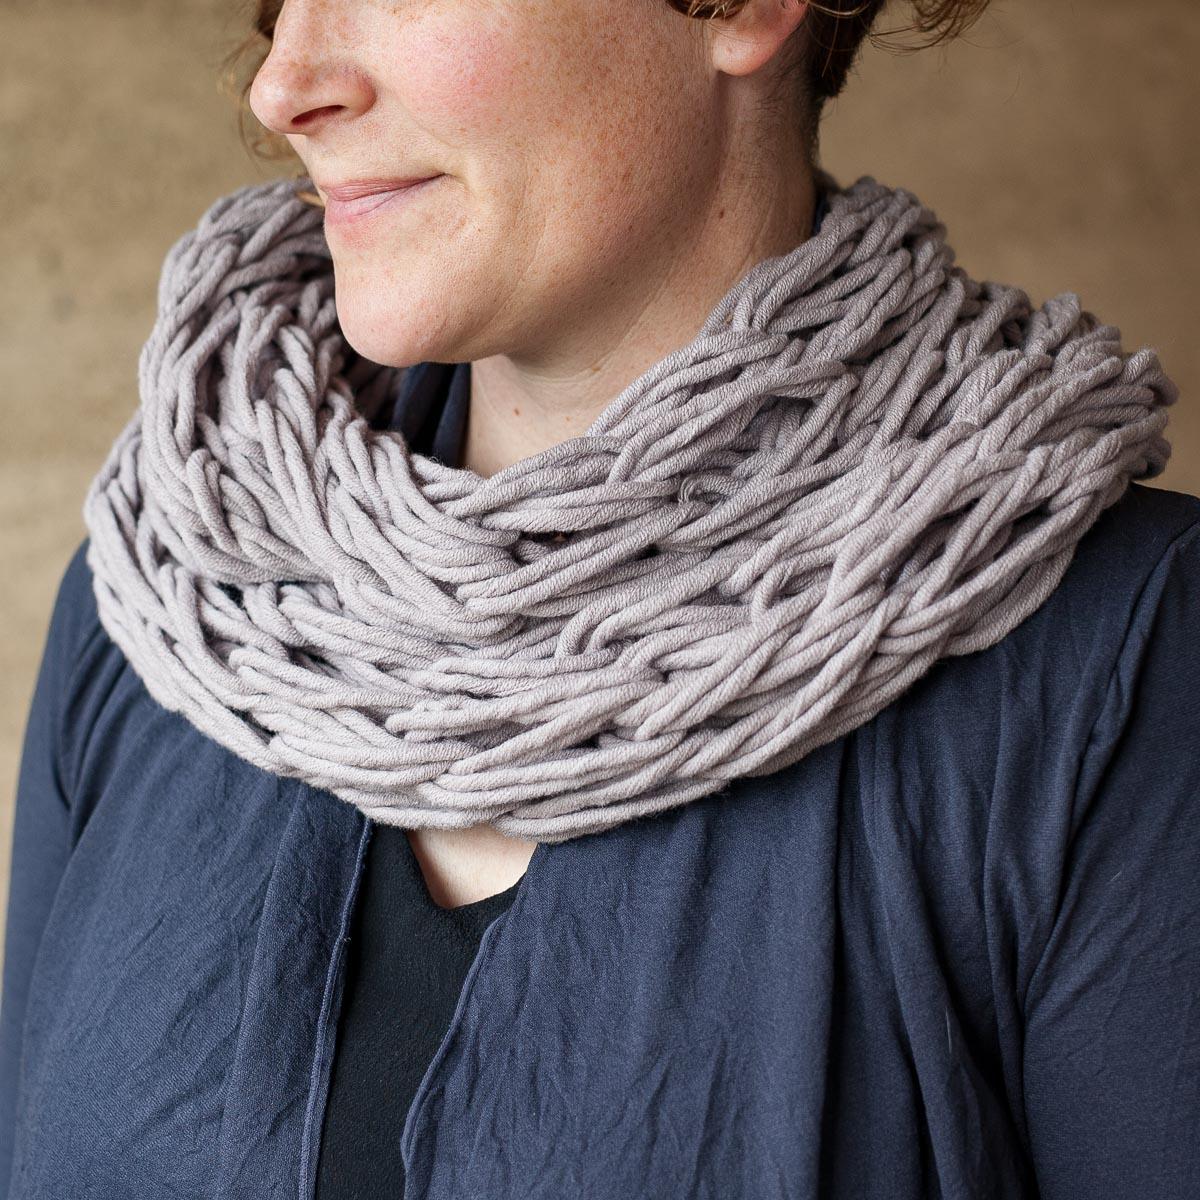 scarf4-2343.jpg